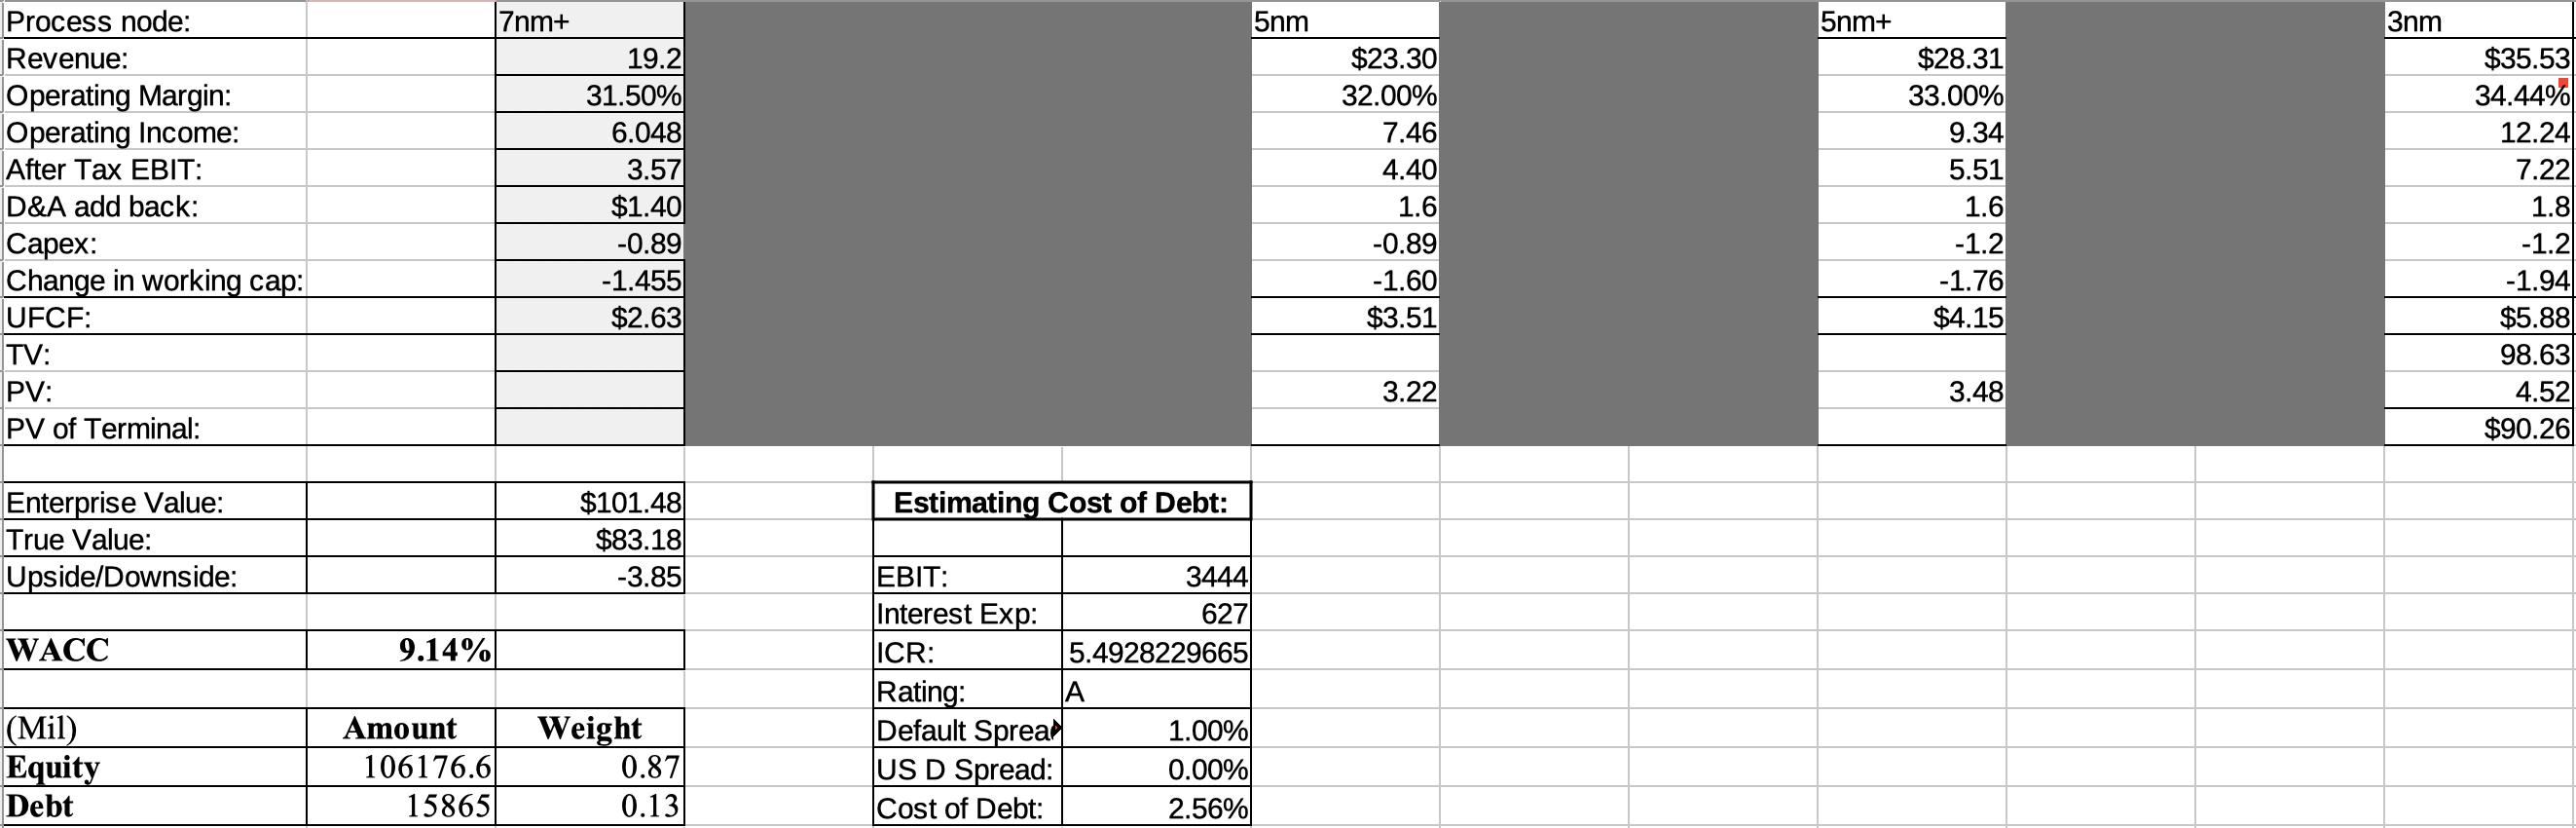 Qualcomm free cash flow projection 2020, 2021, 2022